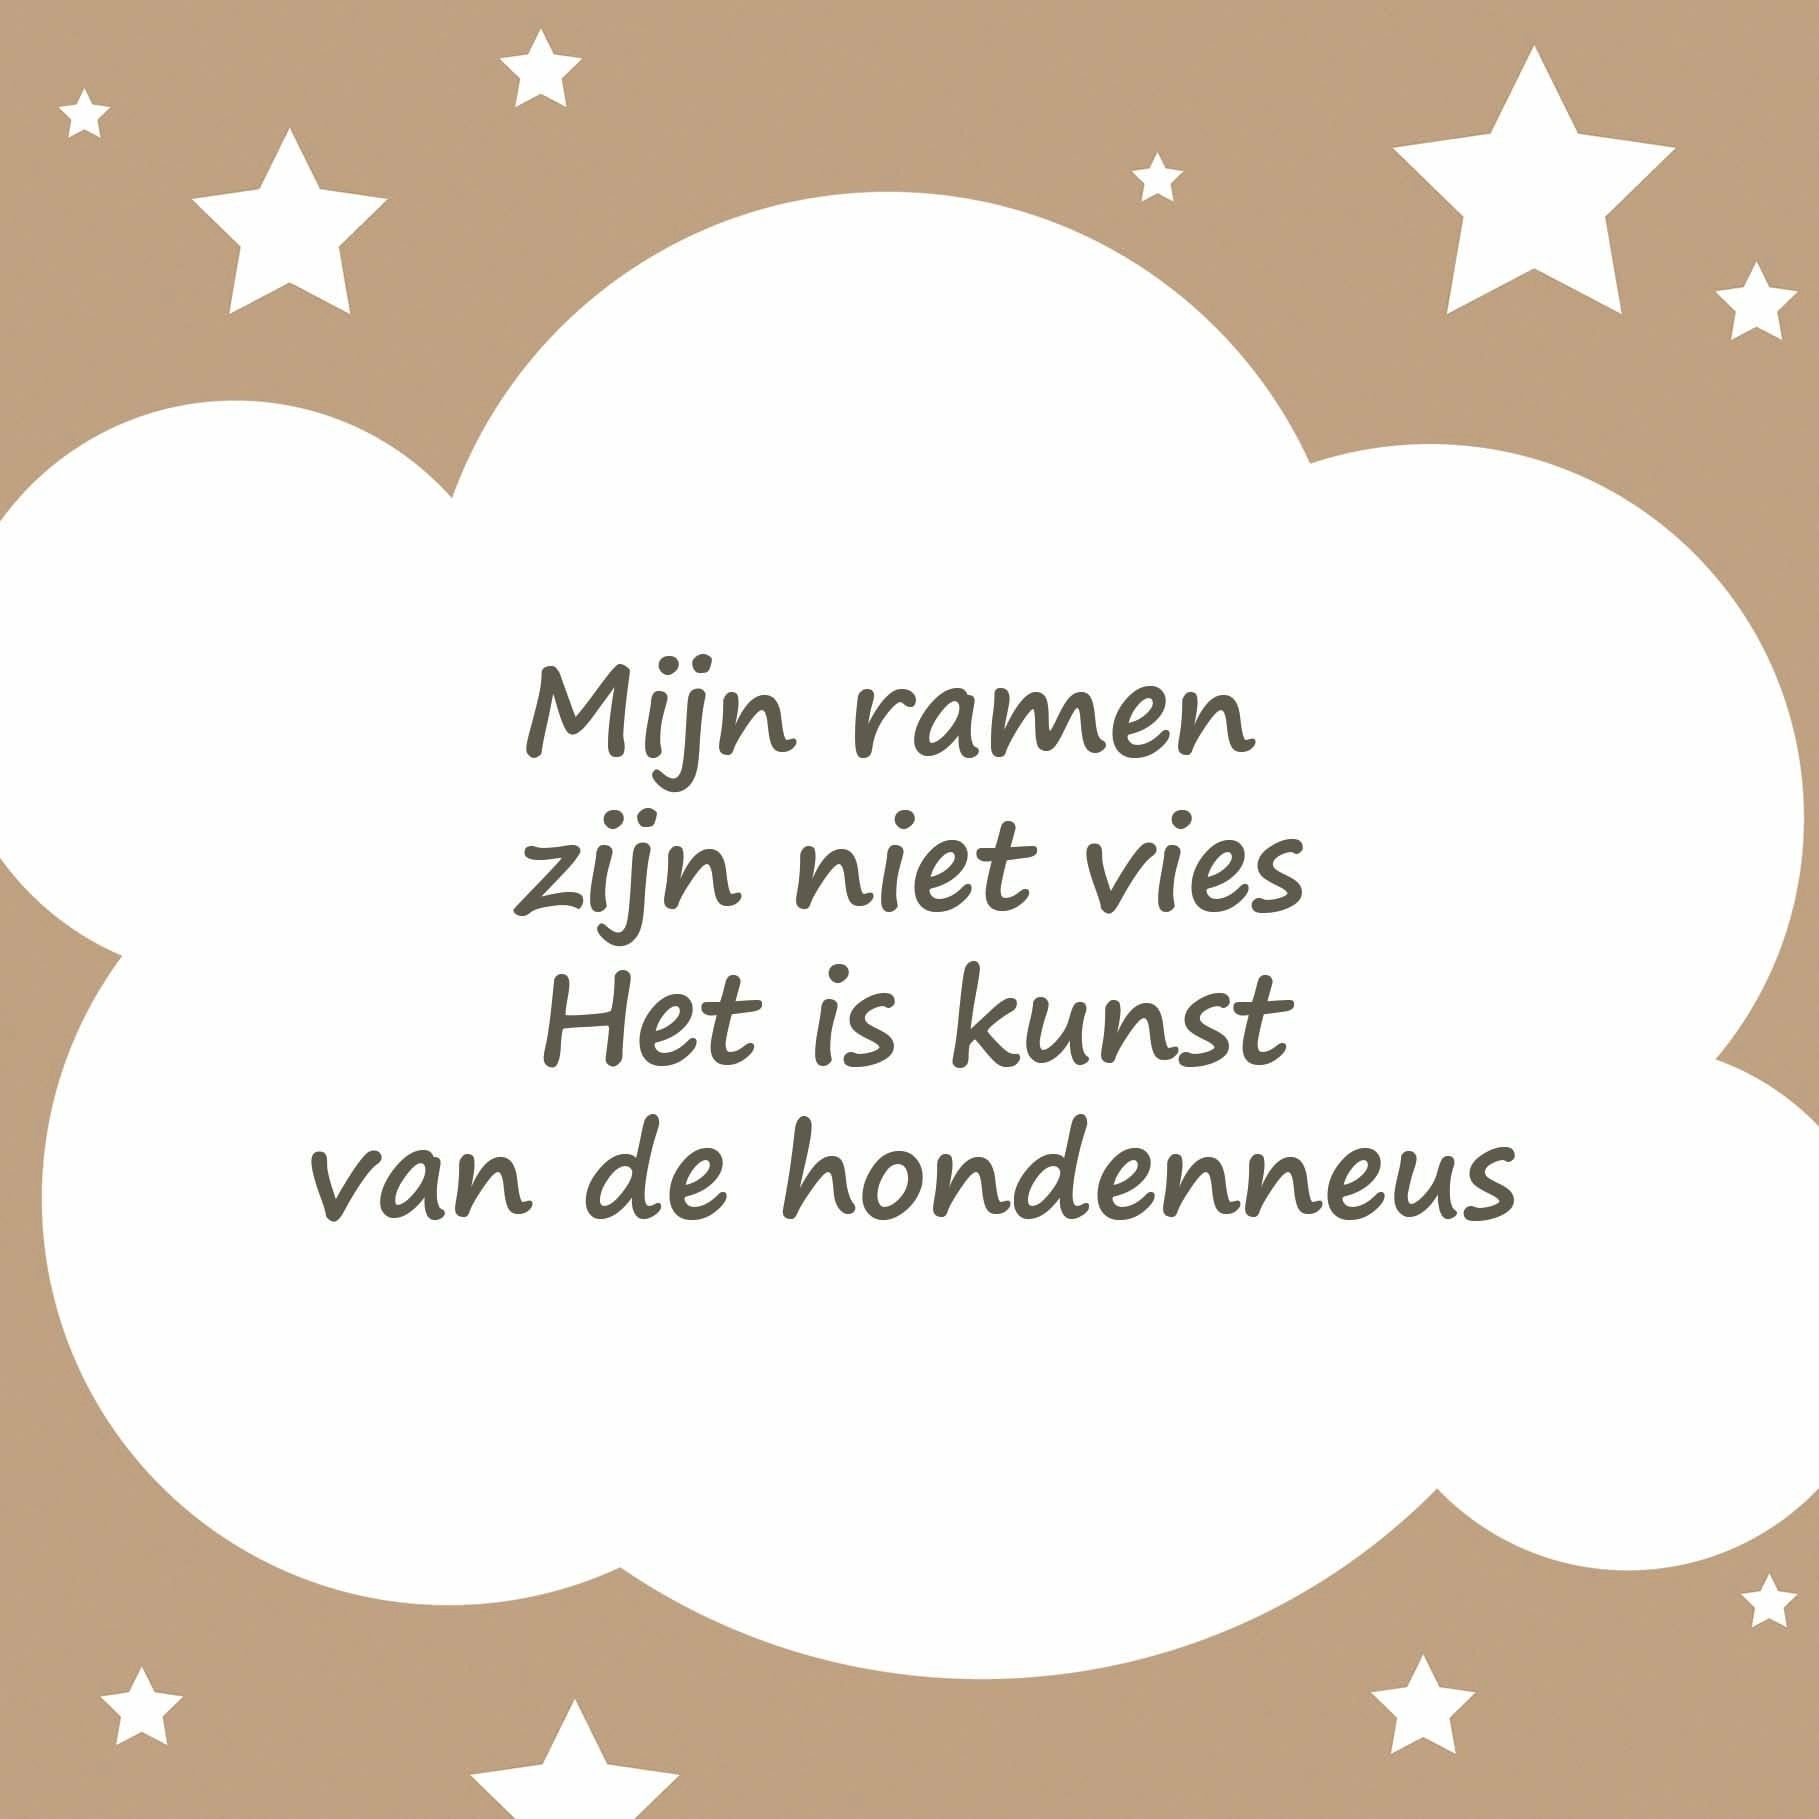 Tegeltjeswijsheid.nl - een uniek presentje - Mijn ramen zijn niet vies Geschenk, Lachend